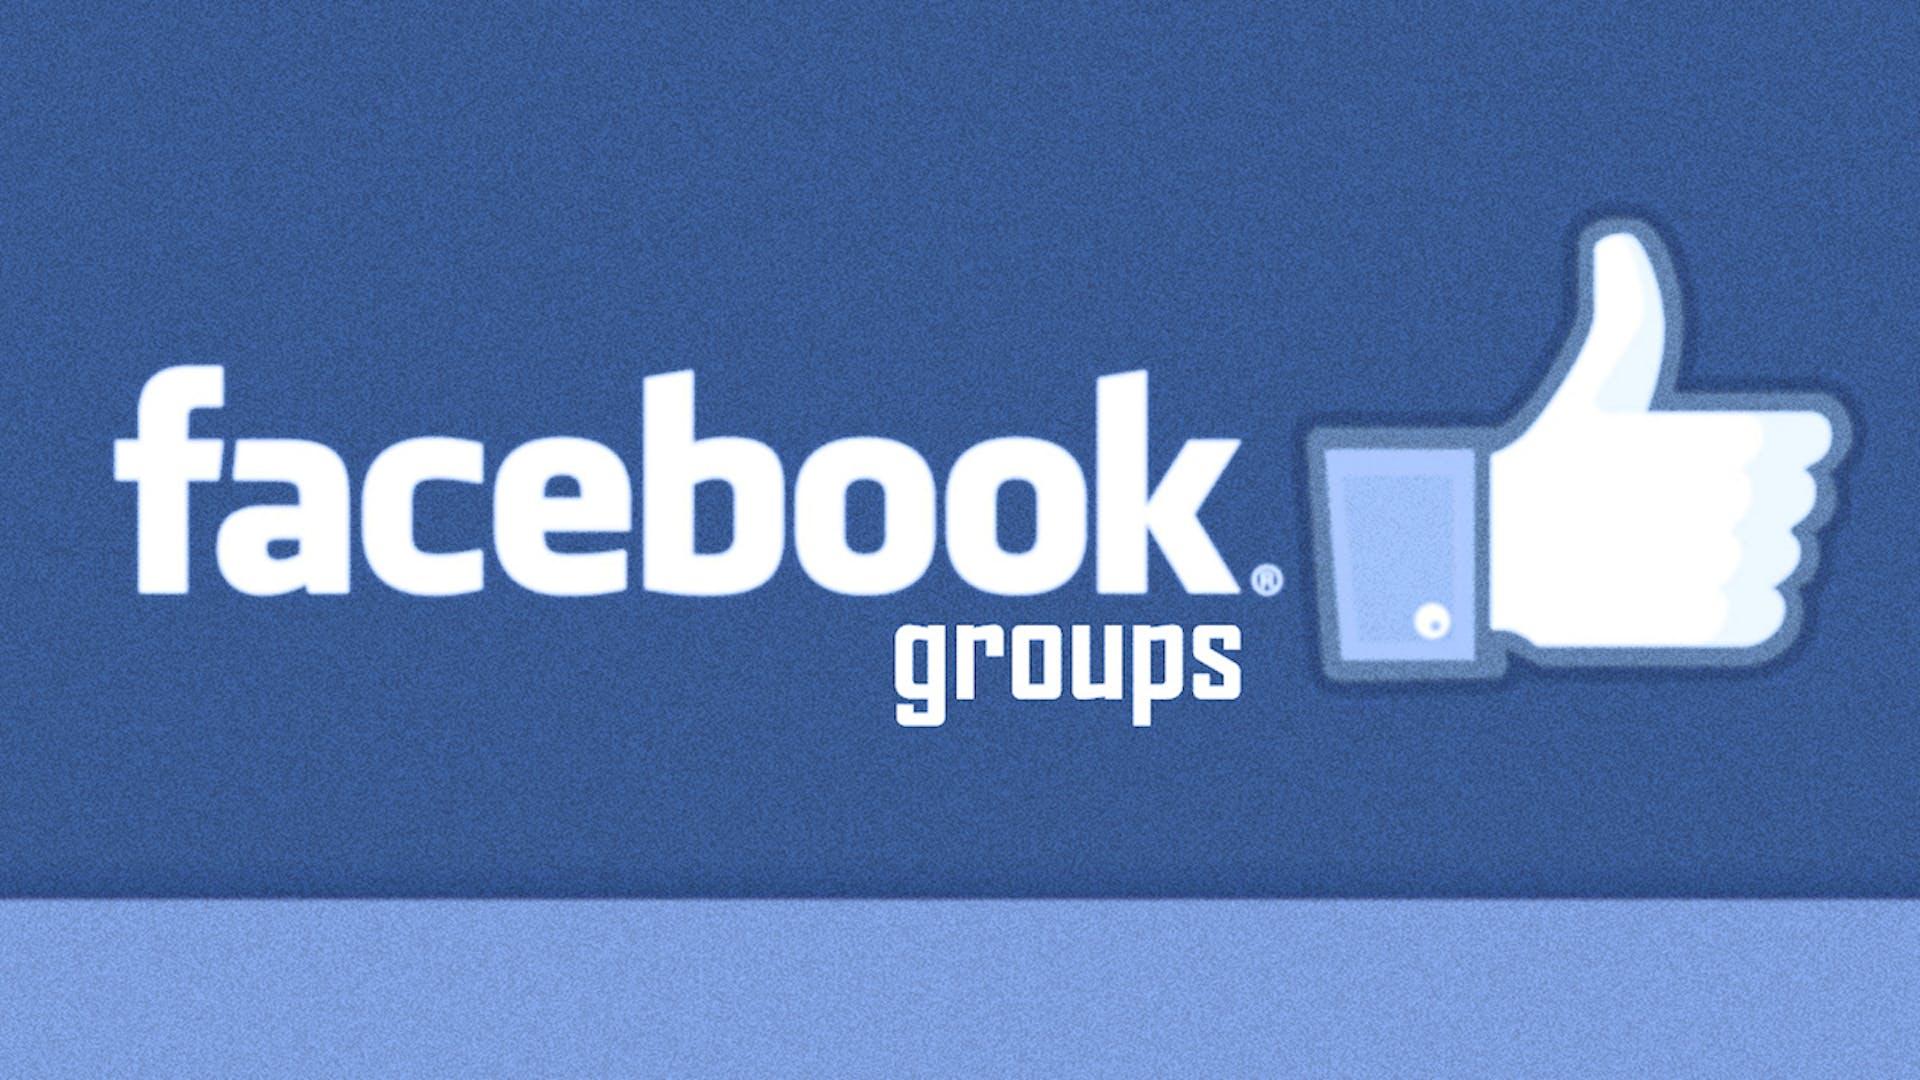 ¿Cómo promocionar un grupo de Facebook ? Genera engagement sin spam